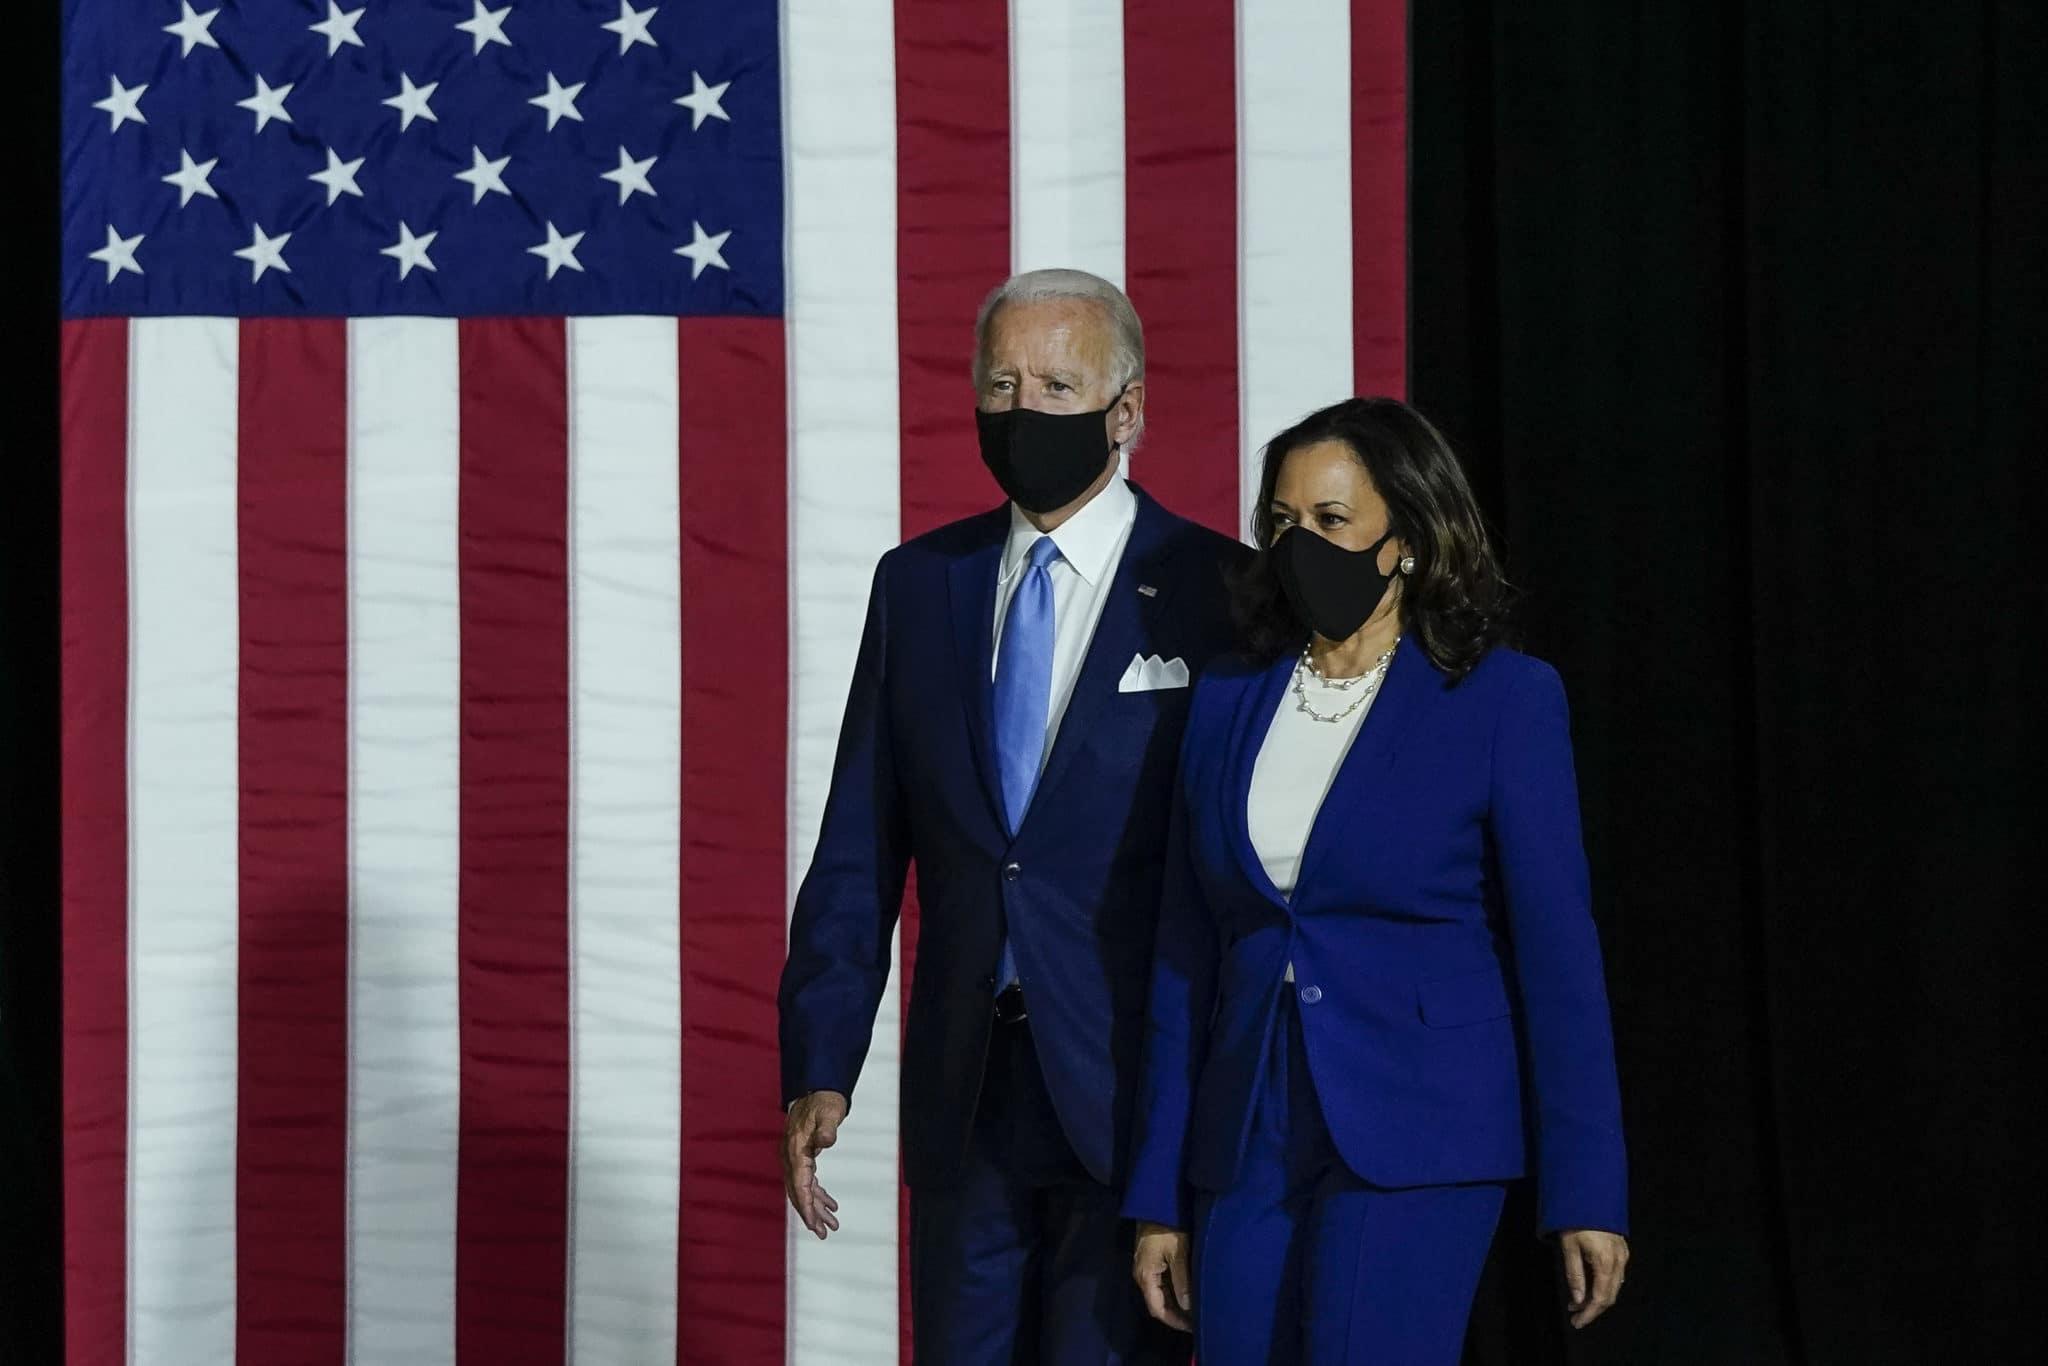 Plateforme électorale: les droits LGBT + étaient une planche des promesses de campagne de Joe Biden et Kamala Harris.  (Drew Angerer / Getty Images)